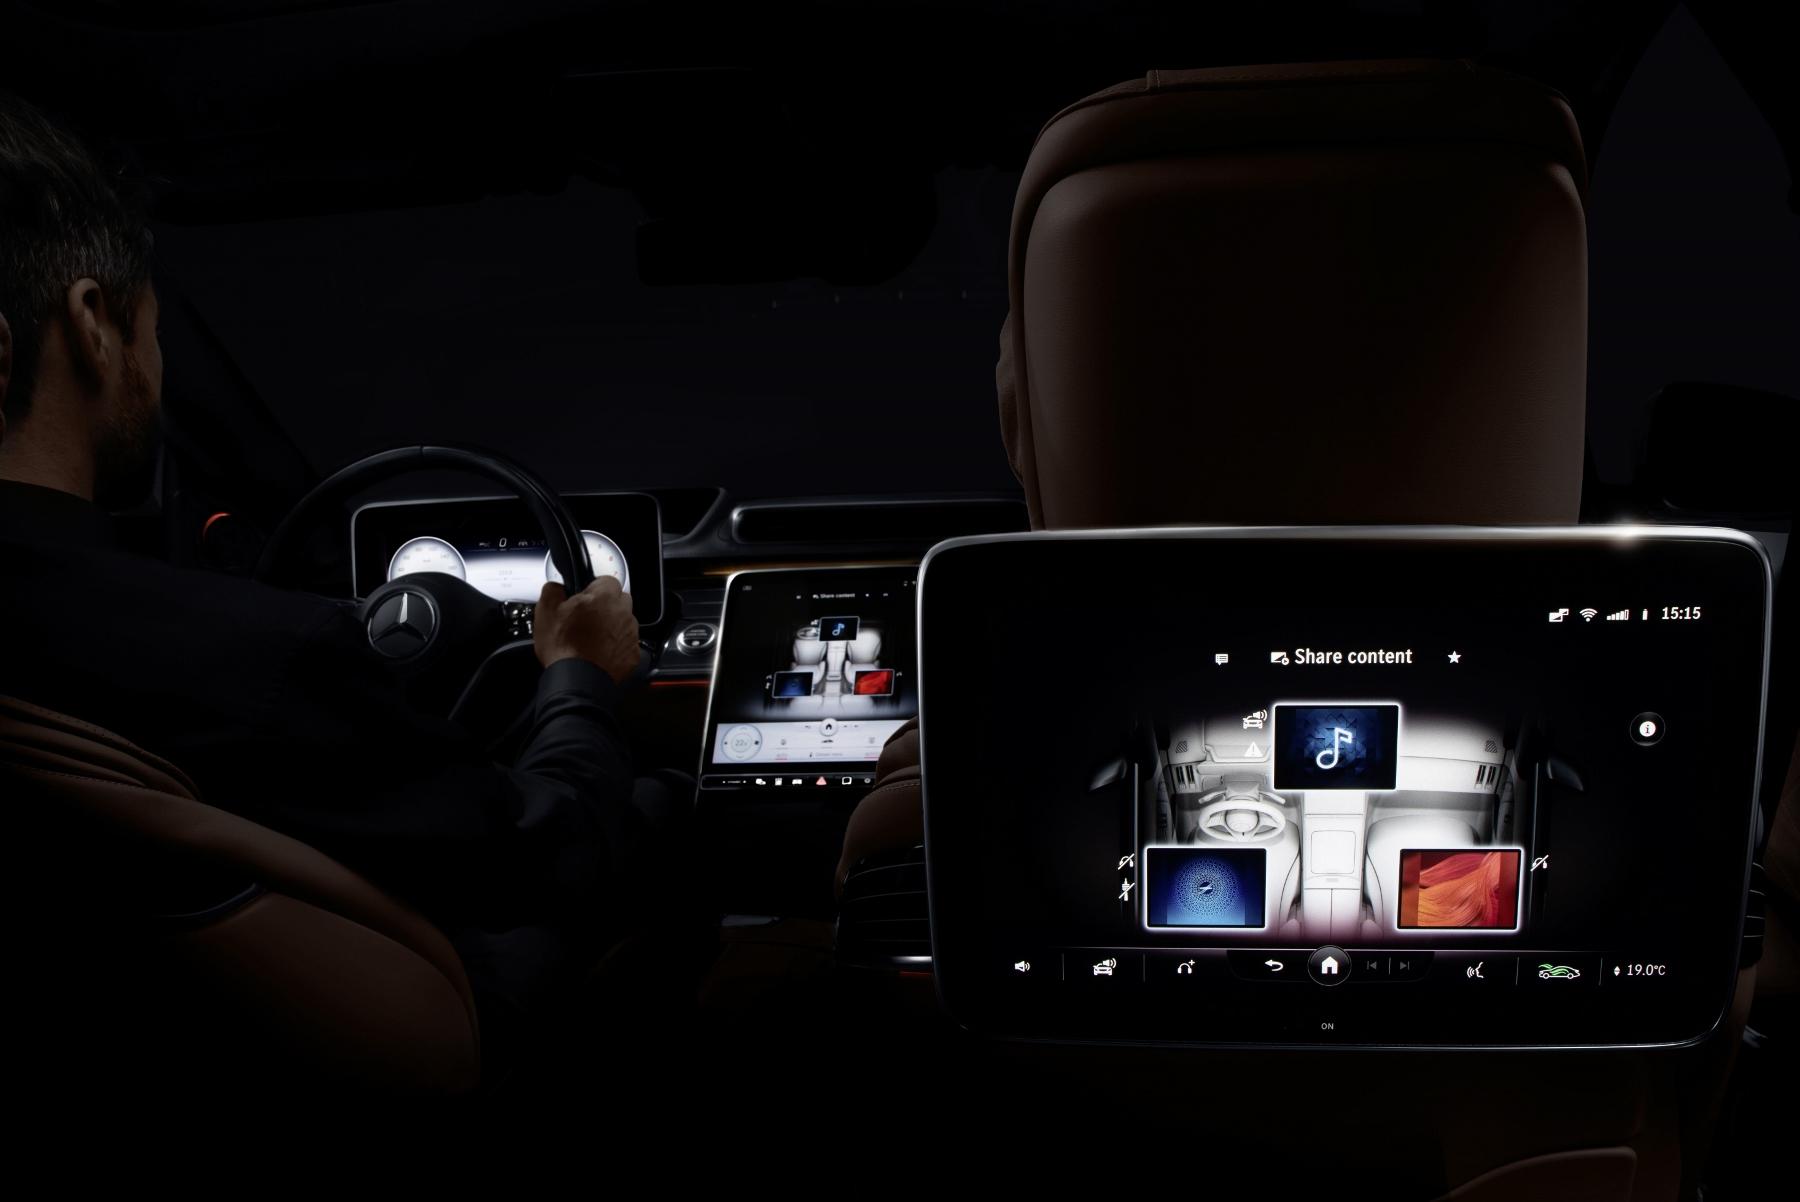 Mercedes triedy S dostane 3D displej a množstvo nových technológií LkkNEh41gG mercedes-s-6